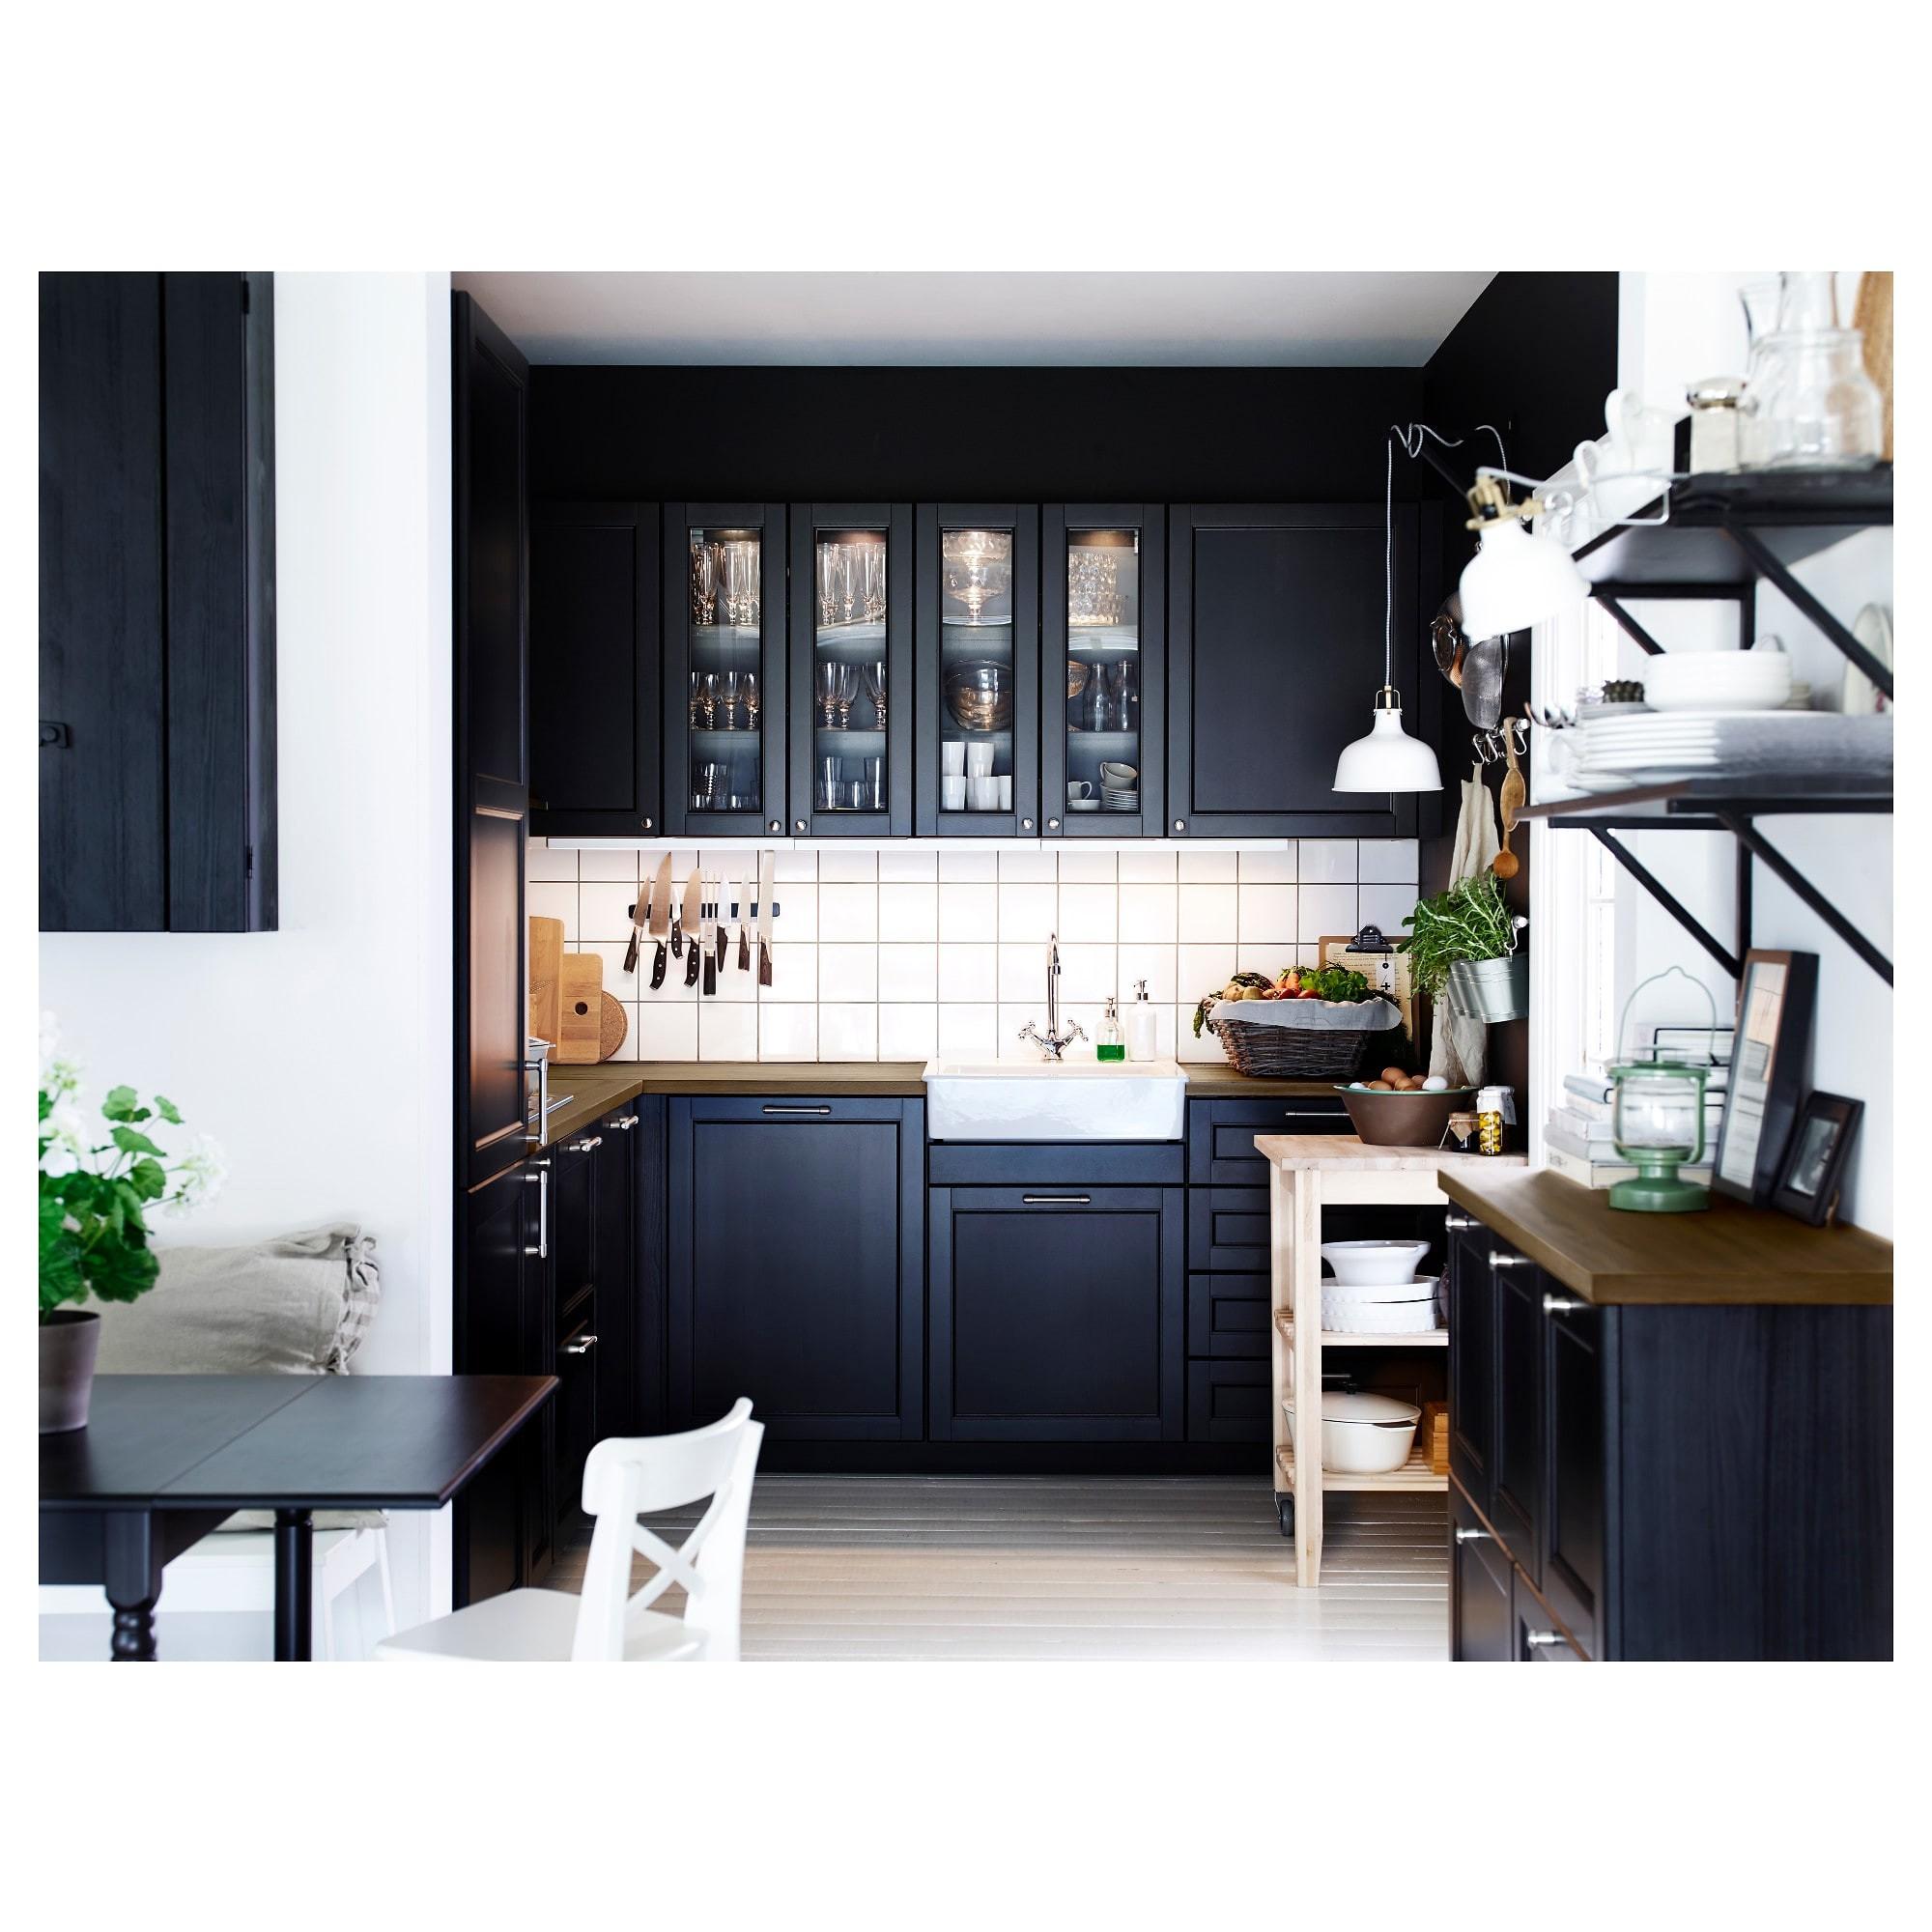 Ikea Cuisine Laxarby Frais Galerie Nouveau Cuisine Laxarby Pour 59 Beautiful Cuisine Ikea Laxarby